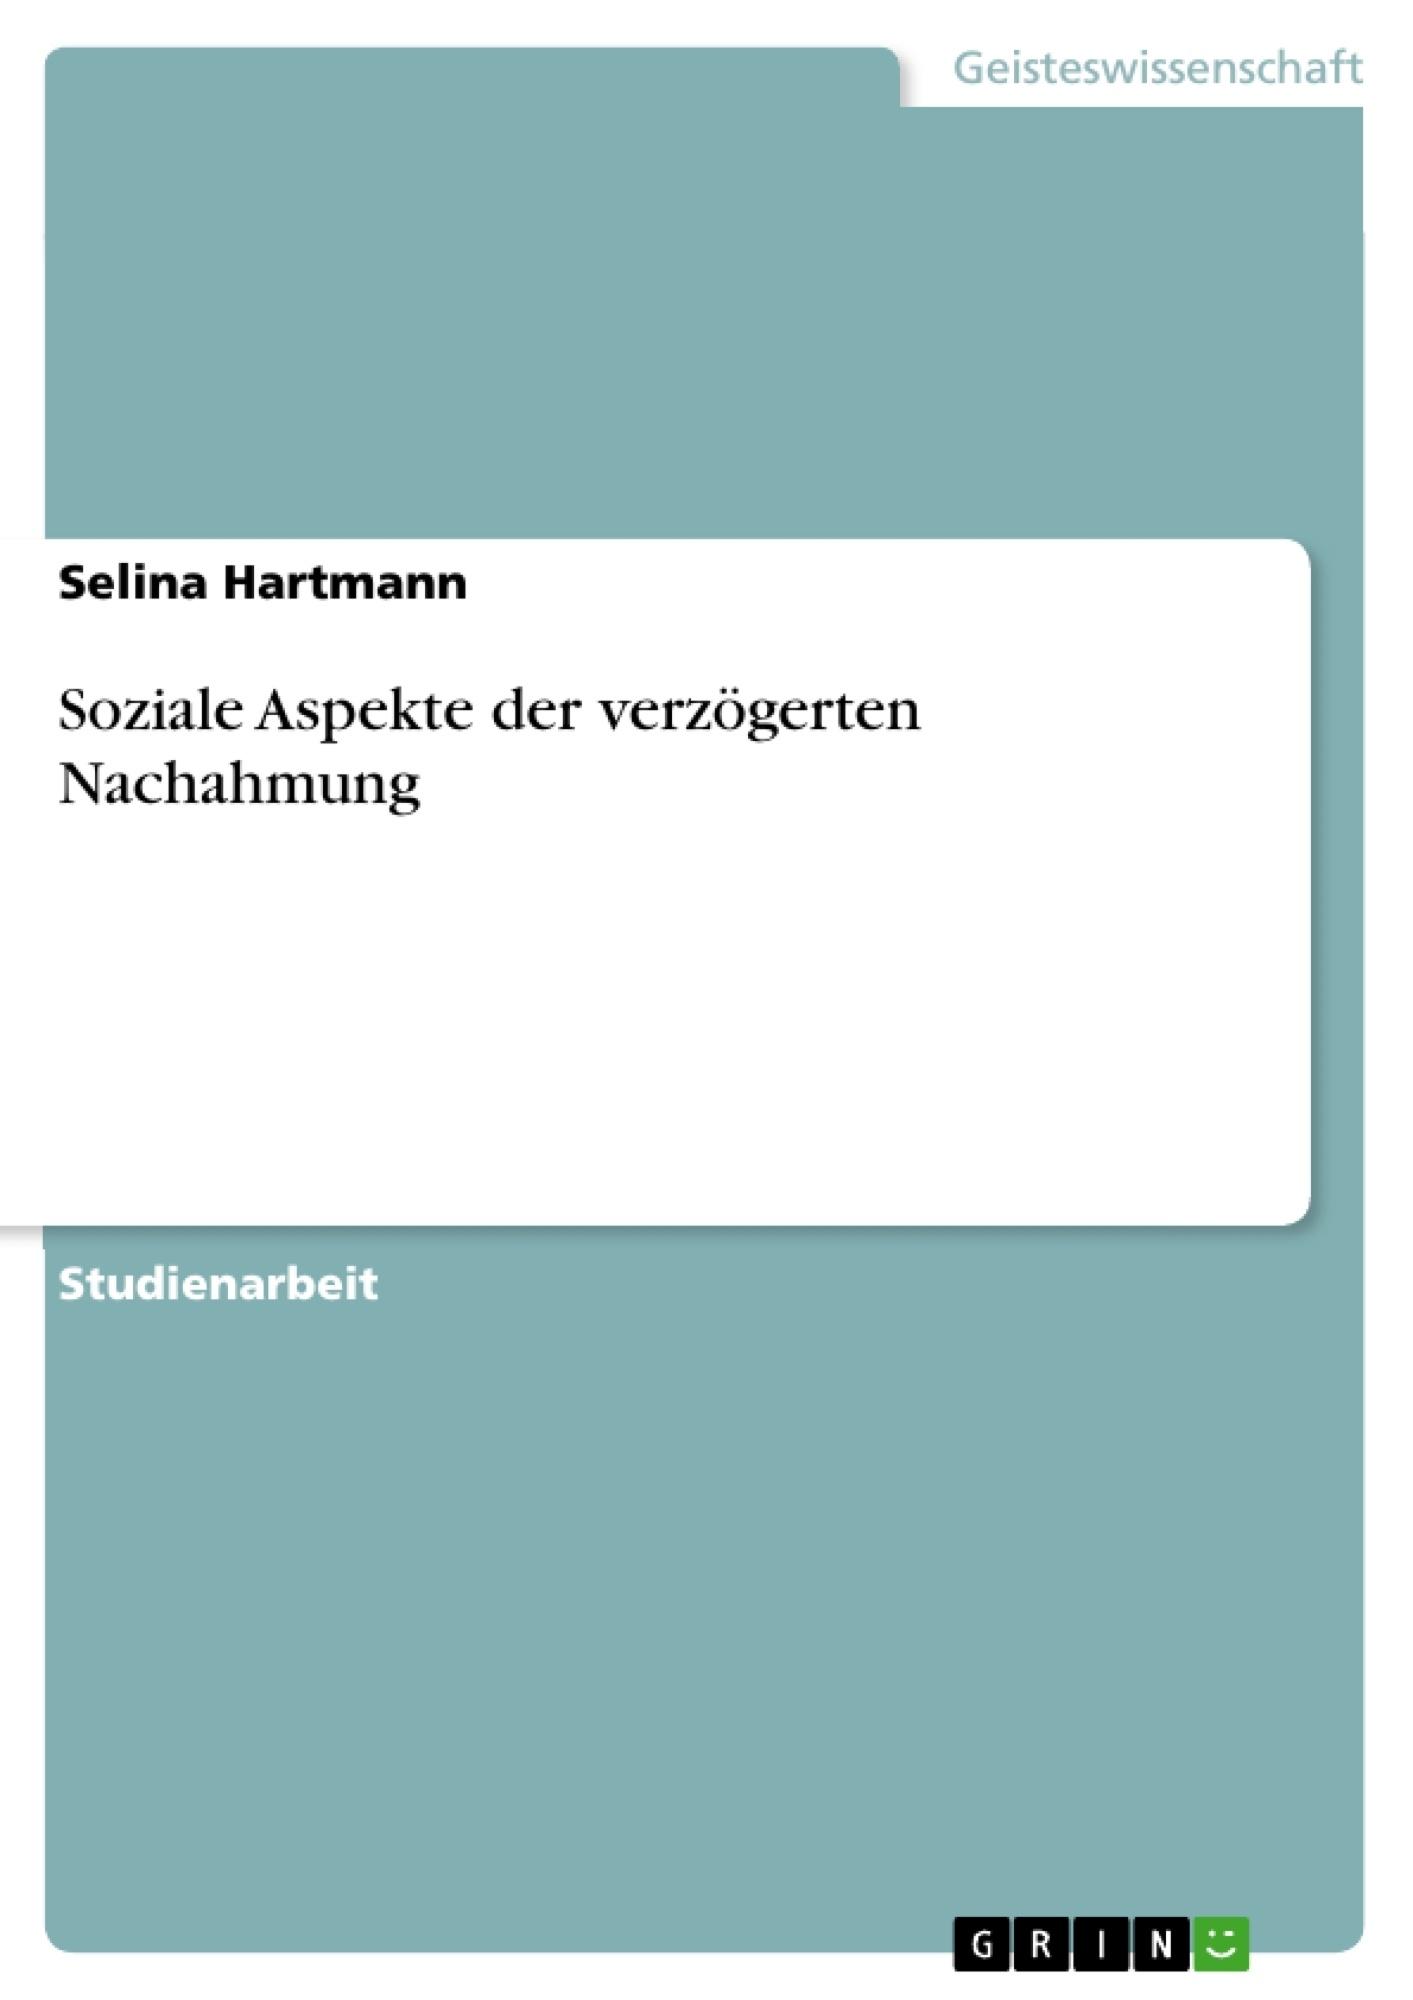 Titel: Soziale Aspekte der verzögerten Nachahmung